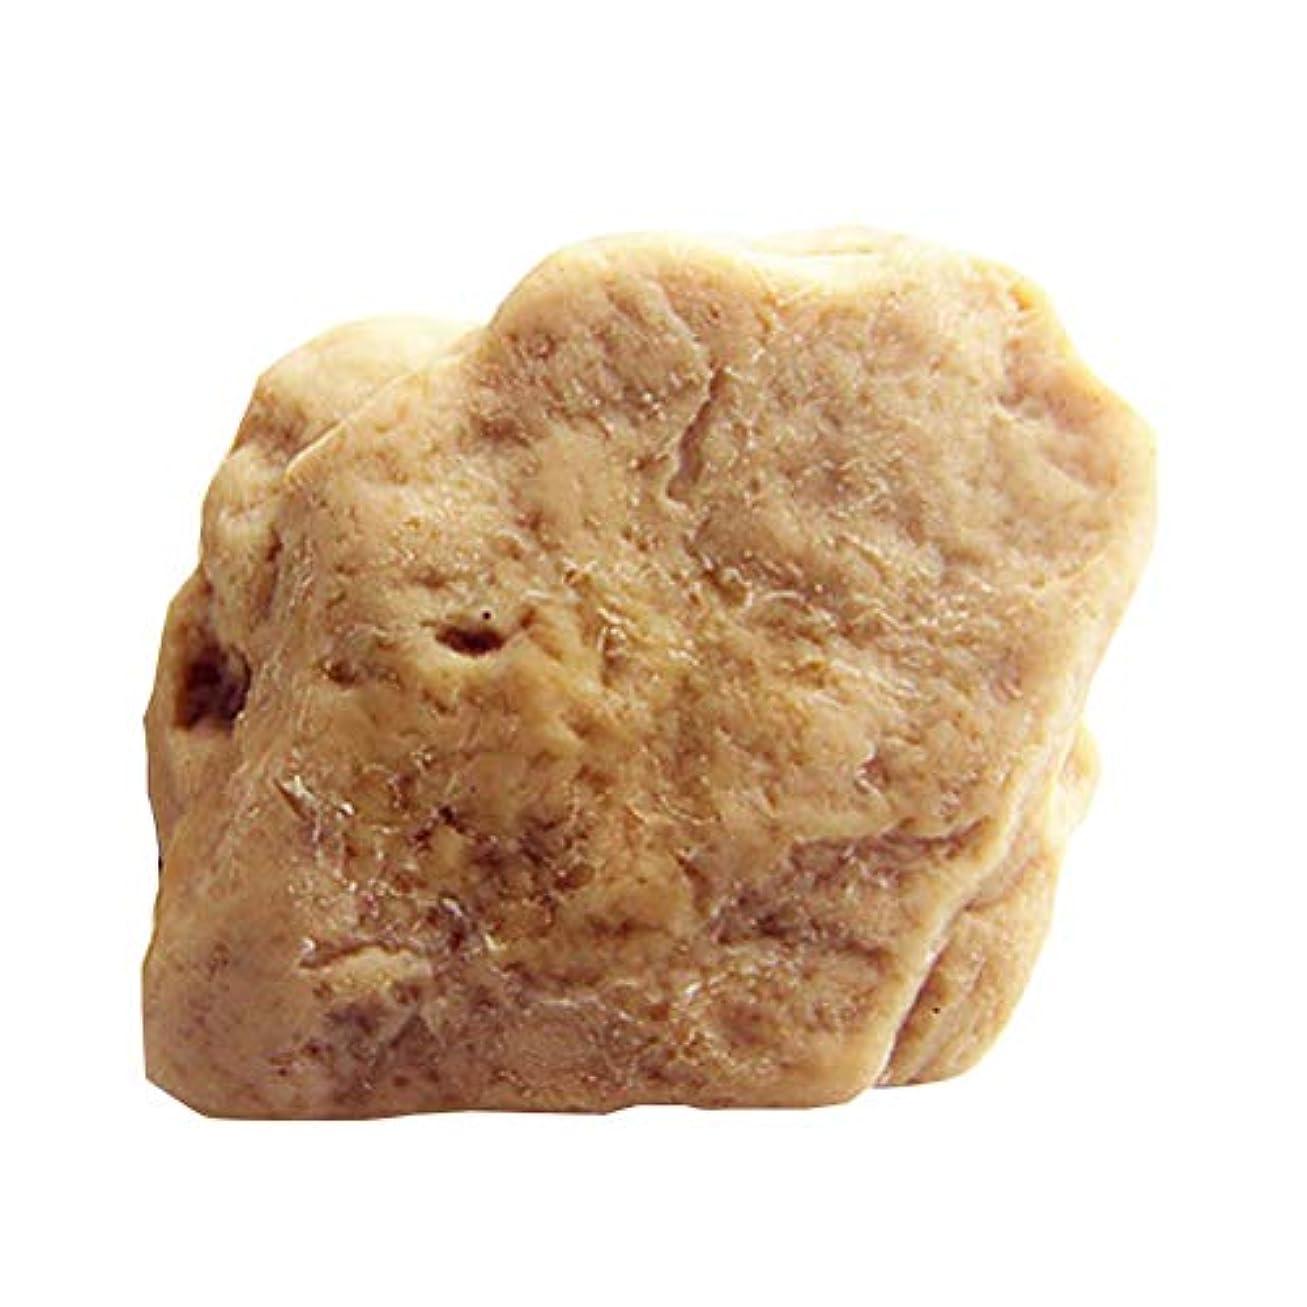 お金ゴム重なるによるとsupbel 洗顔石鹸 石鹸 洗顔用石鹸 保湿 洗顔 オリーブオイル入り 美白 毛穴 黒ずみ用 自然乾燥仕上げ 美肌 シャワー用